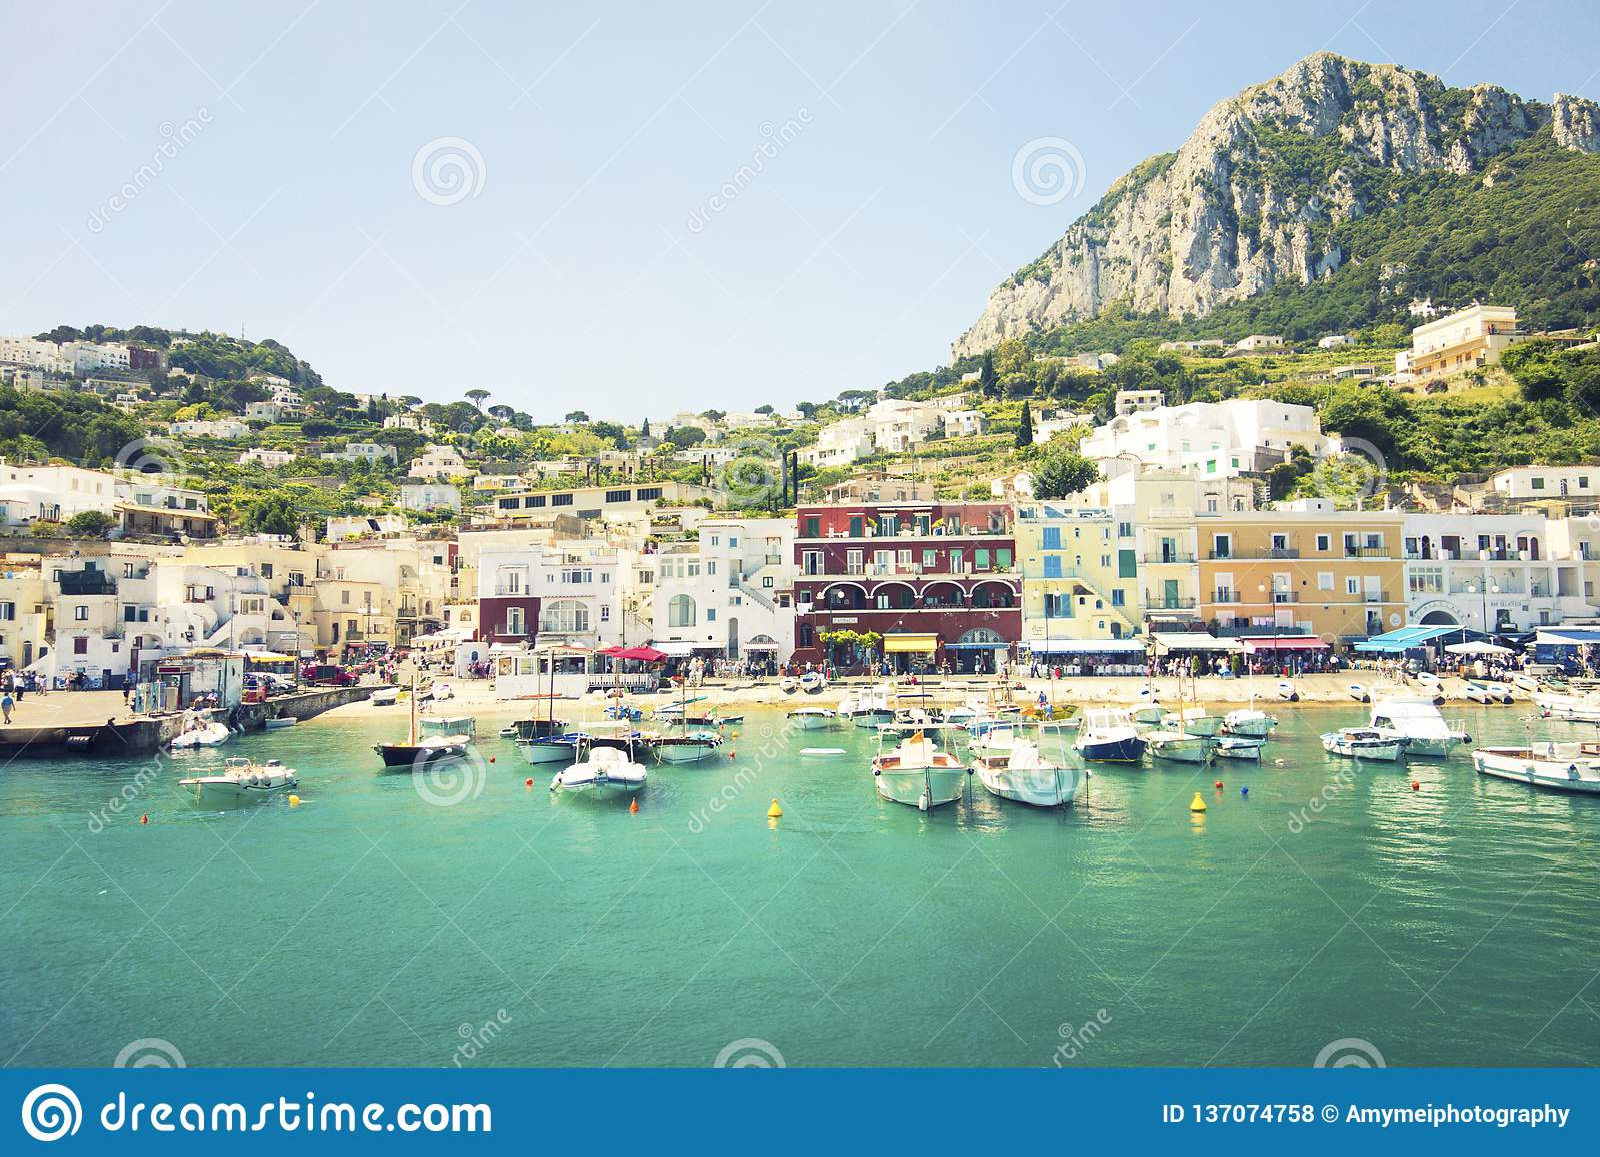 Montras coloridas de Capri, Itália